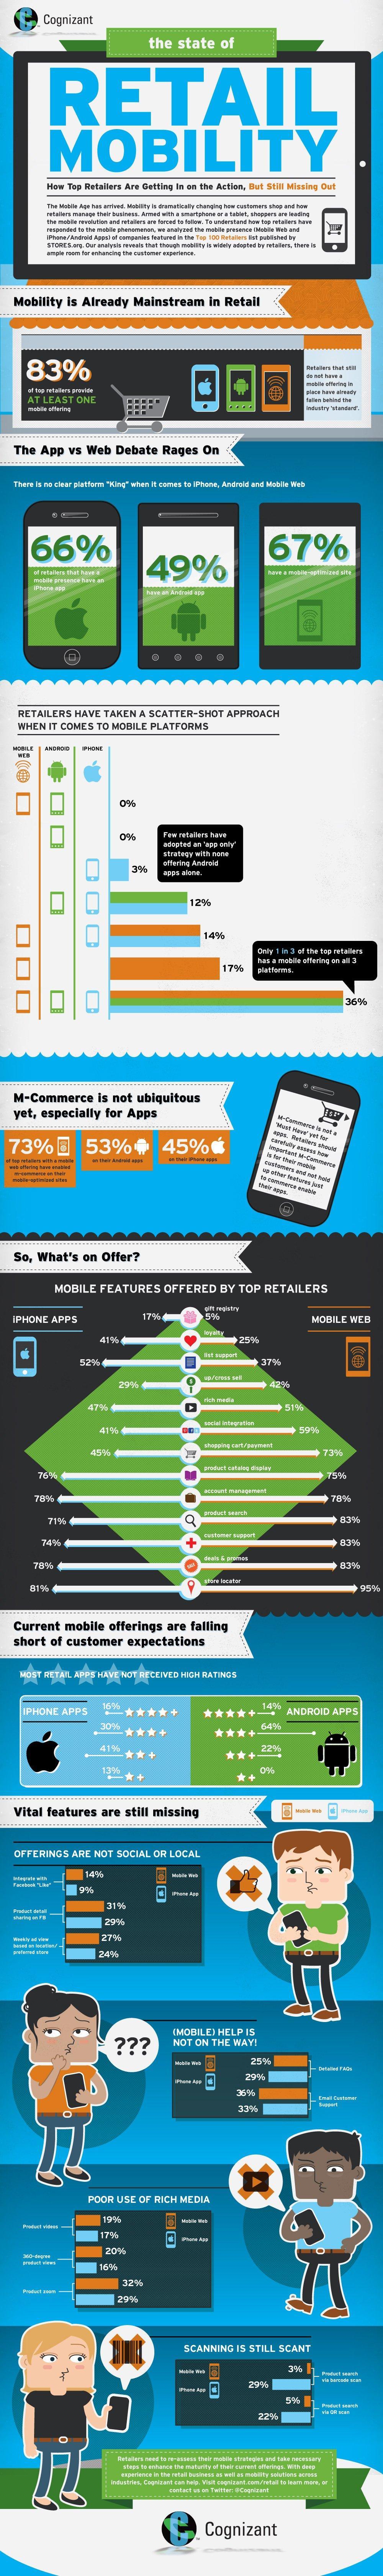 La situazione attuale del Mobile Retail Marketing